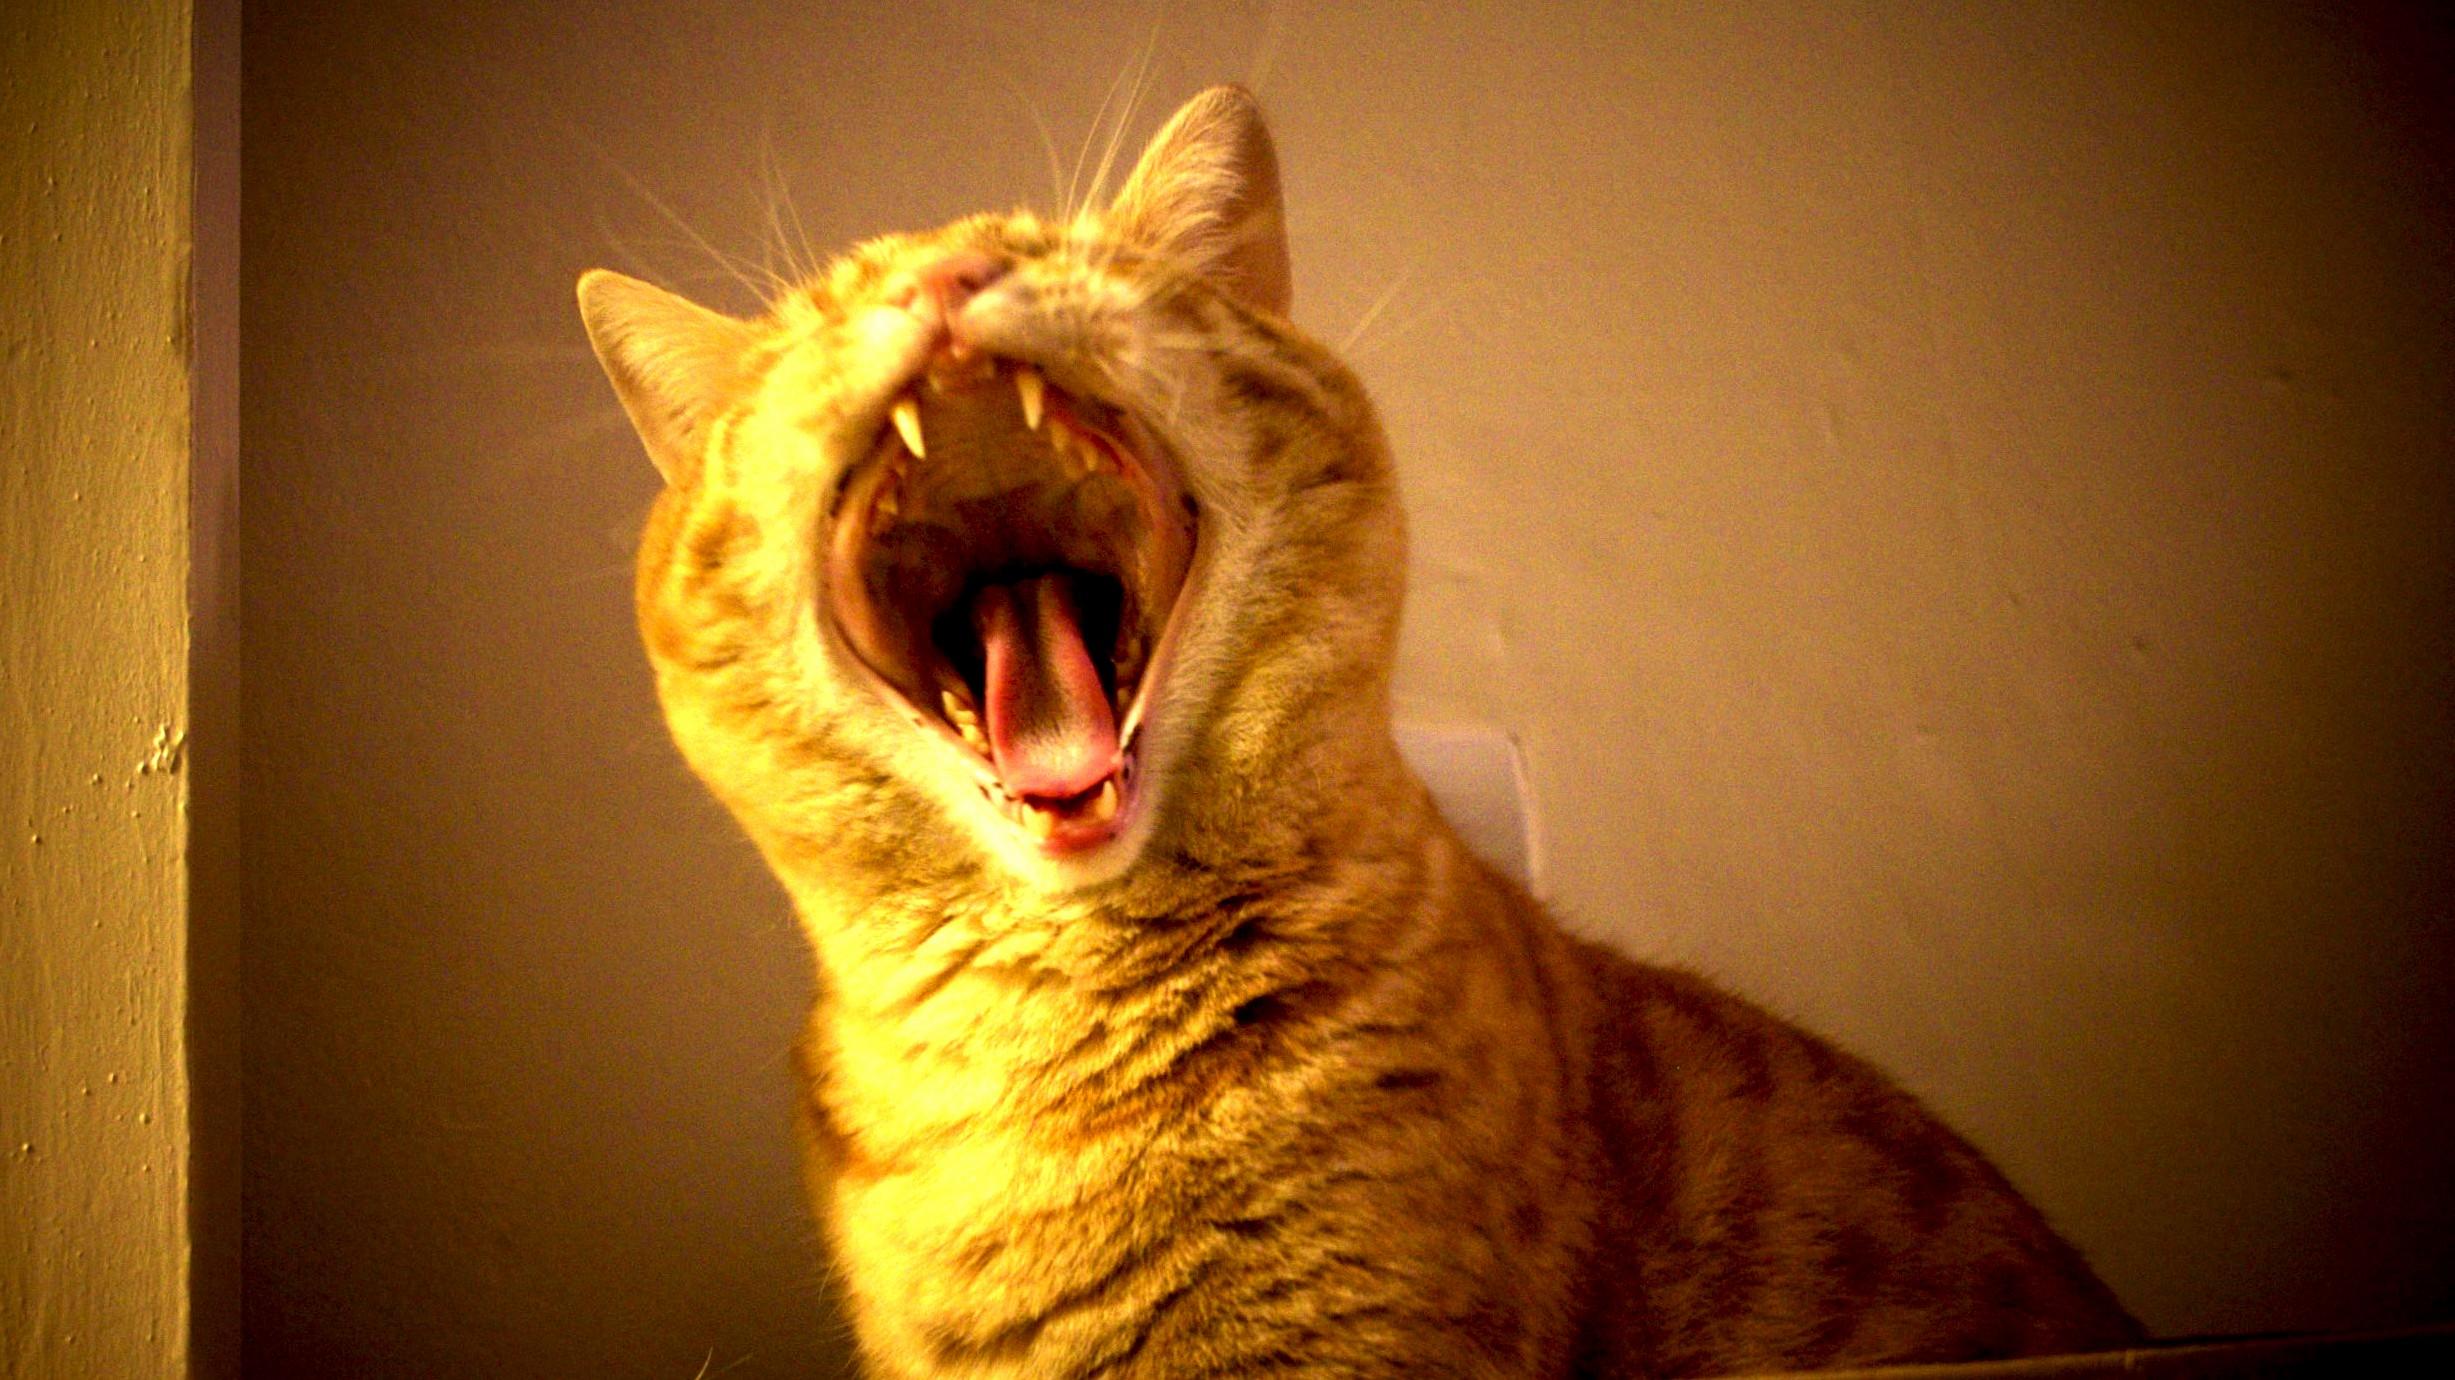 I caught him mid-yawn